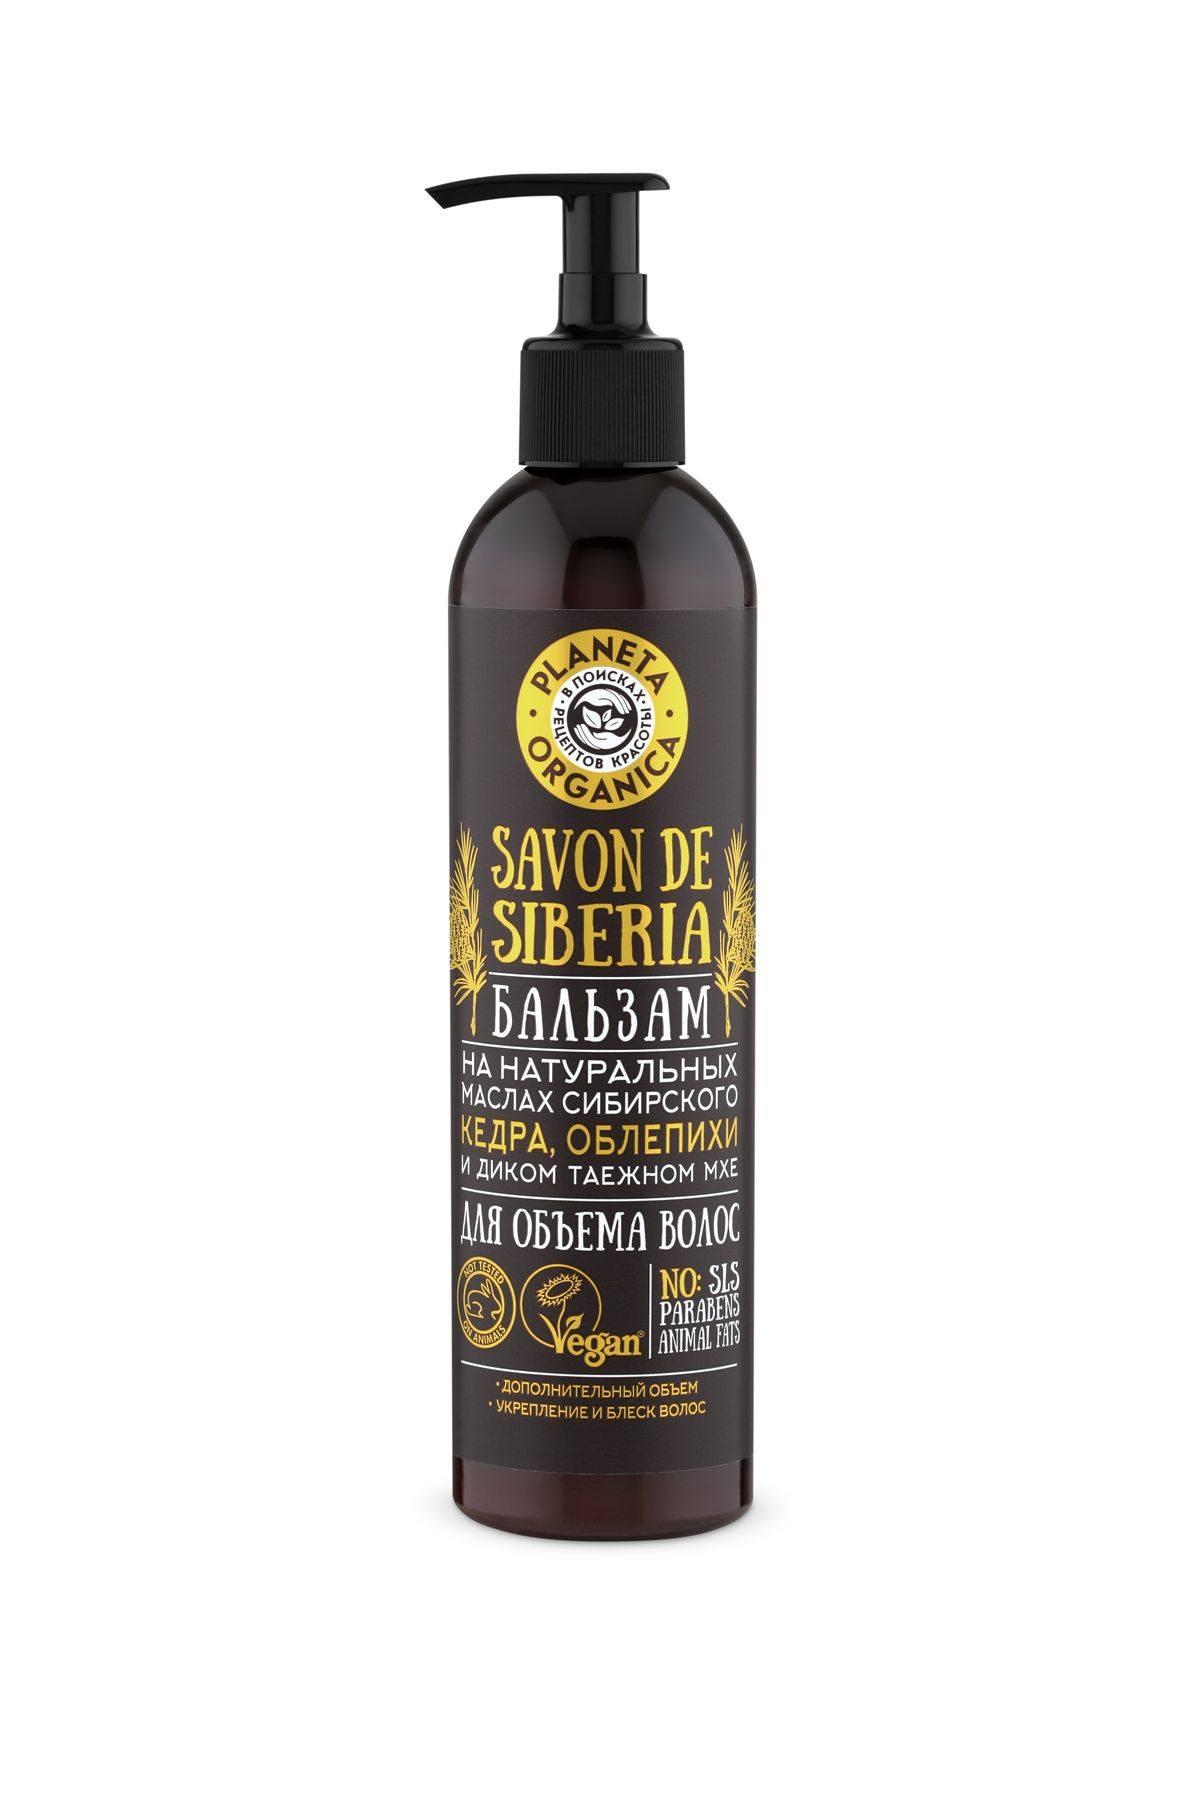 Купить Planeta Organica Savon de Бальзам для объема волос Savon de Siberia, 400 мл (shop: Organic-shops Organic shops)